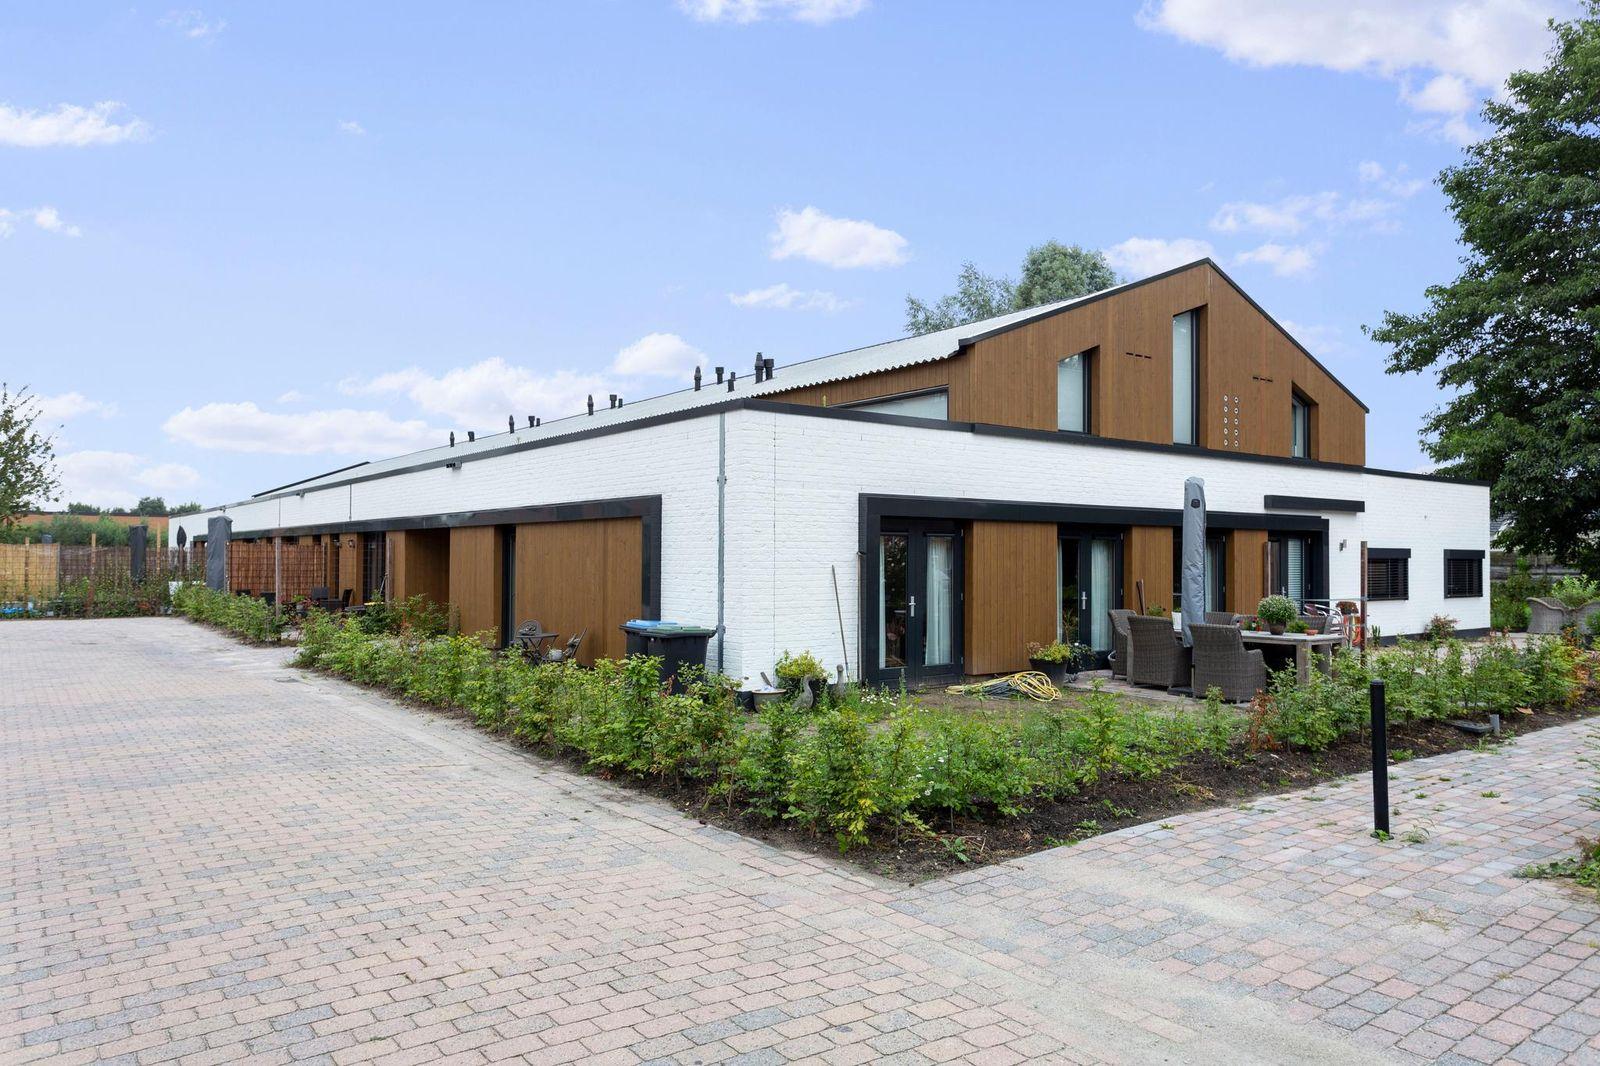 Schorpioenstraat 69-L, Apeldoorn